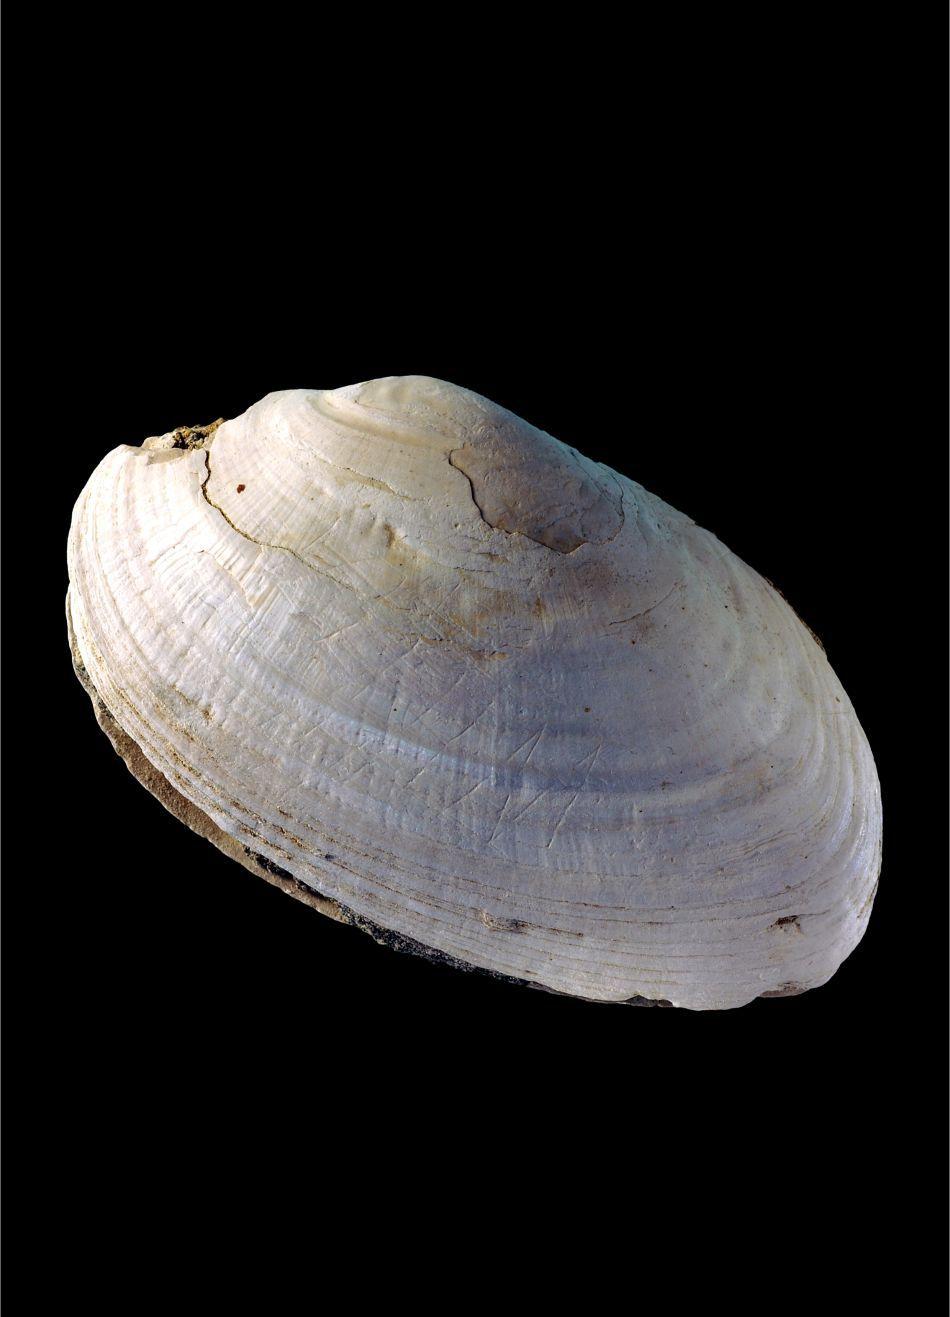 Scoica fusese îngropată în pământ în urmă cu 430.000-540.000 de ani